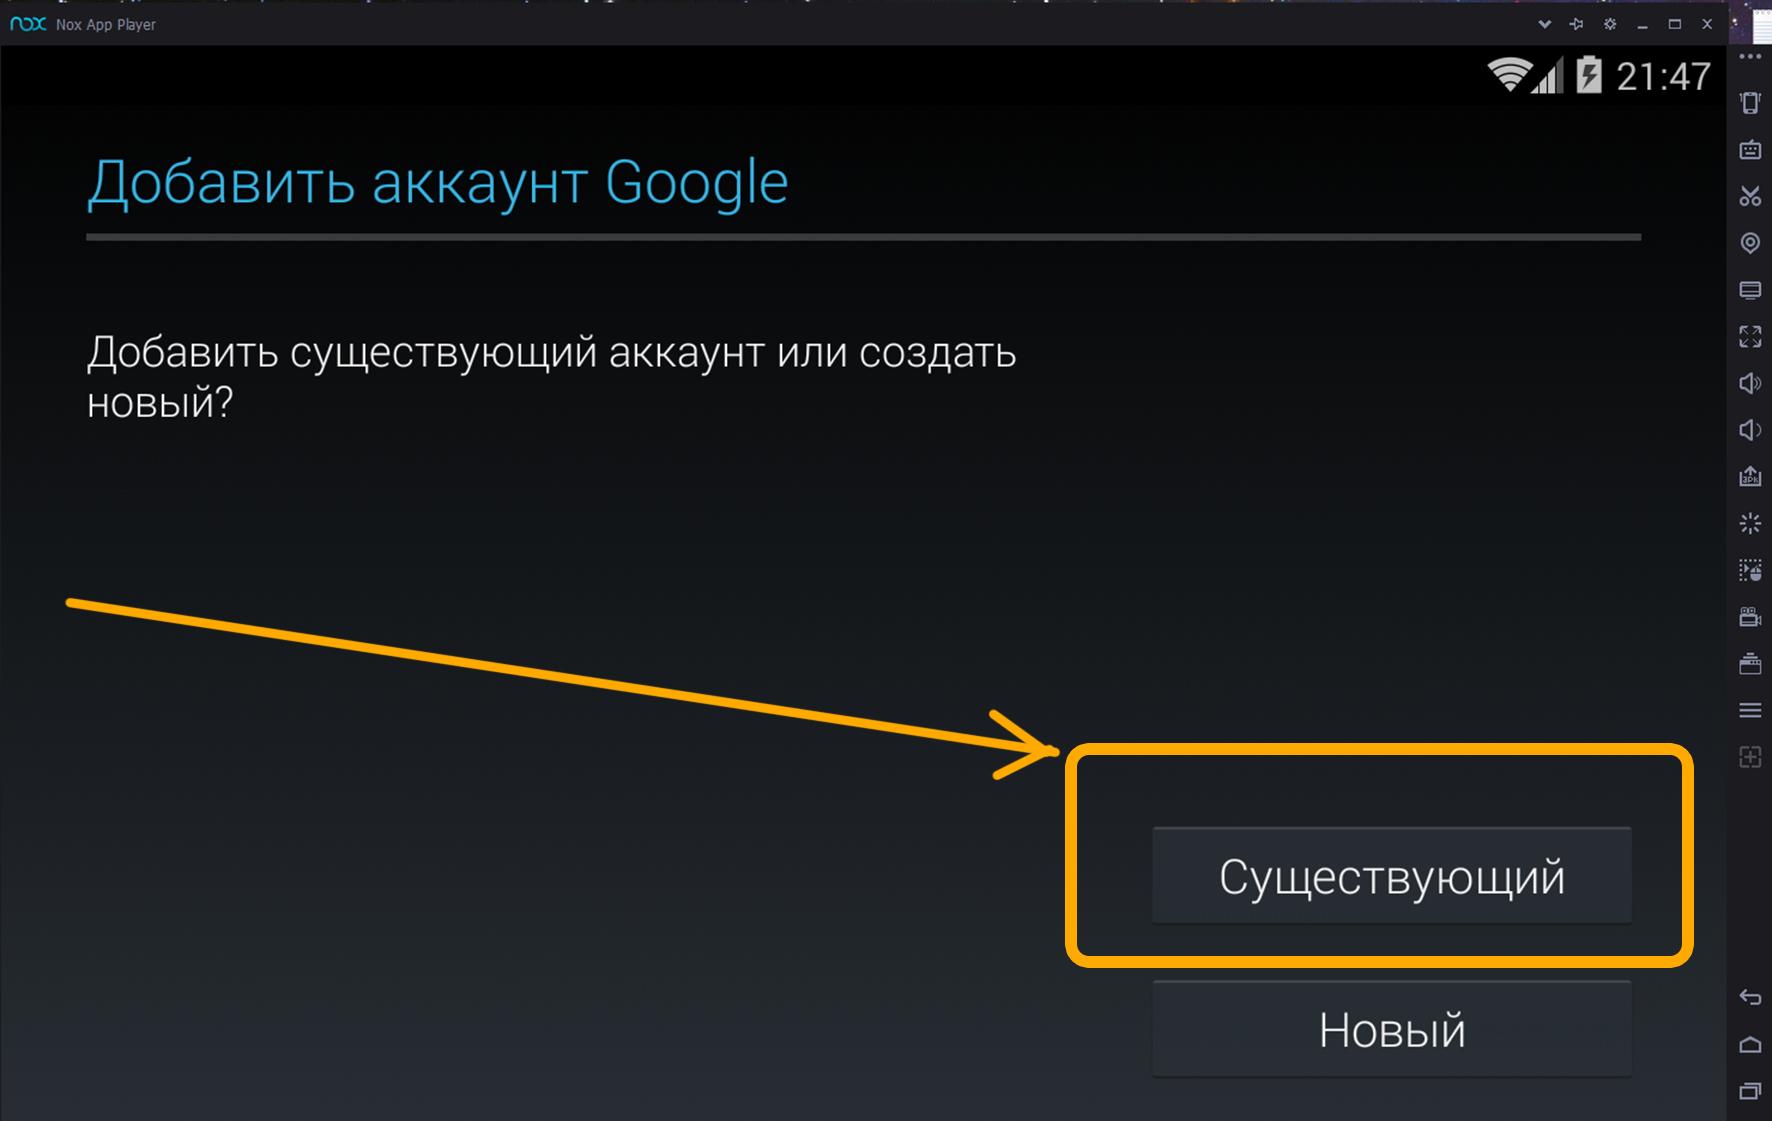 Визуальное пояснение выбора аккаунта гугл, в окне андроид эмулятора Нокс, для скачивания Инстаграм.